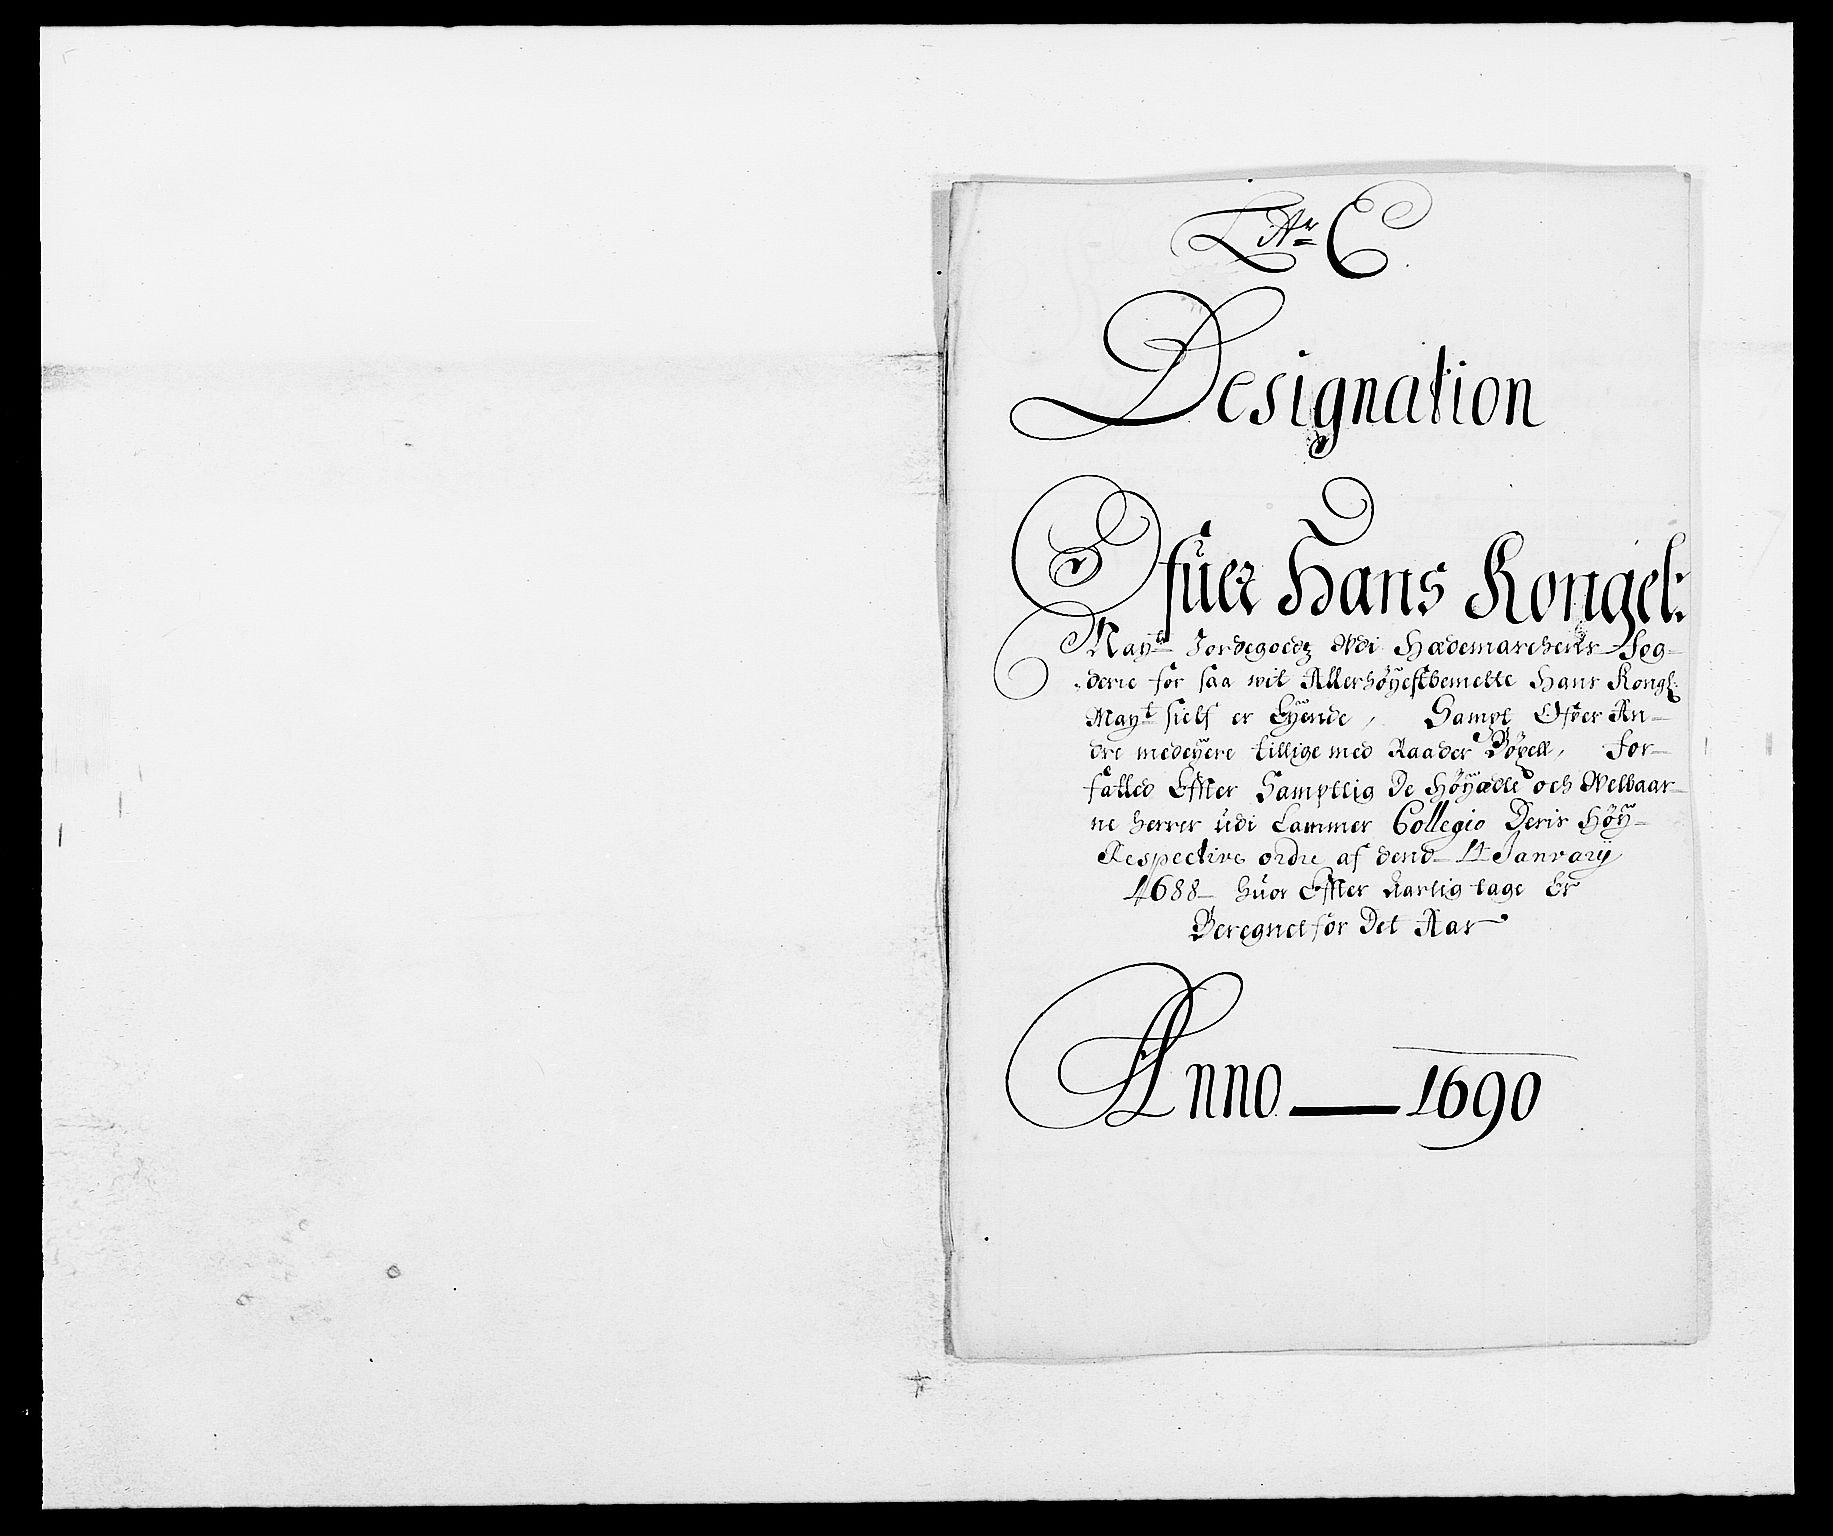 RA, Rentekammeret inntil 1814, Reviderte regnskaper, Fogderegnskap, R16/L1030: Fogderegnskap Hedmark, 1689-1691, s. 183